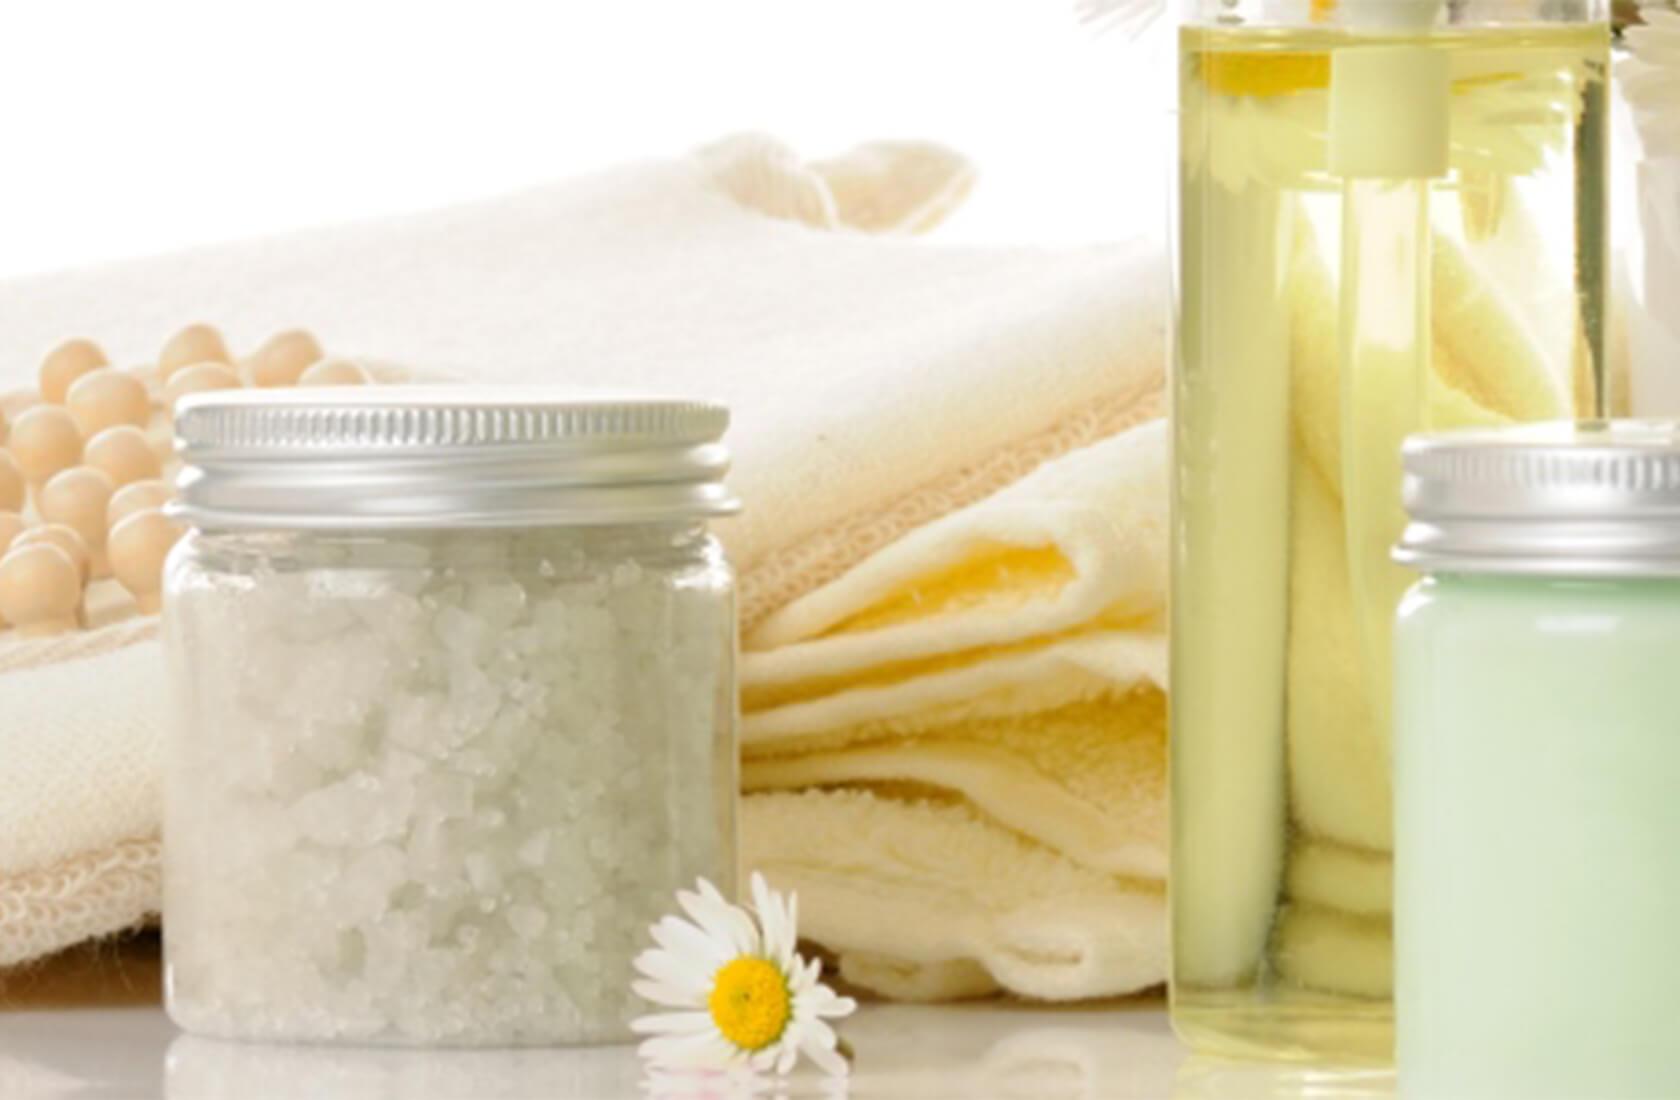 Kosmetik Produkte von Lancôme Wellness Anwendungen